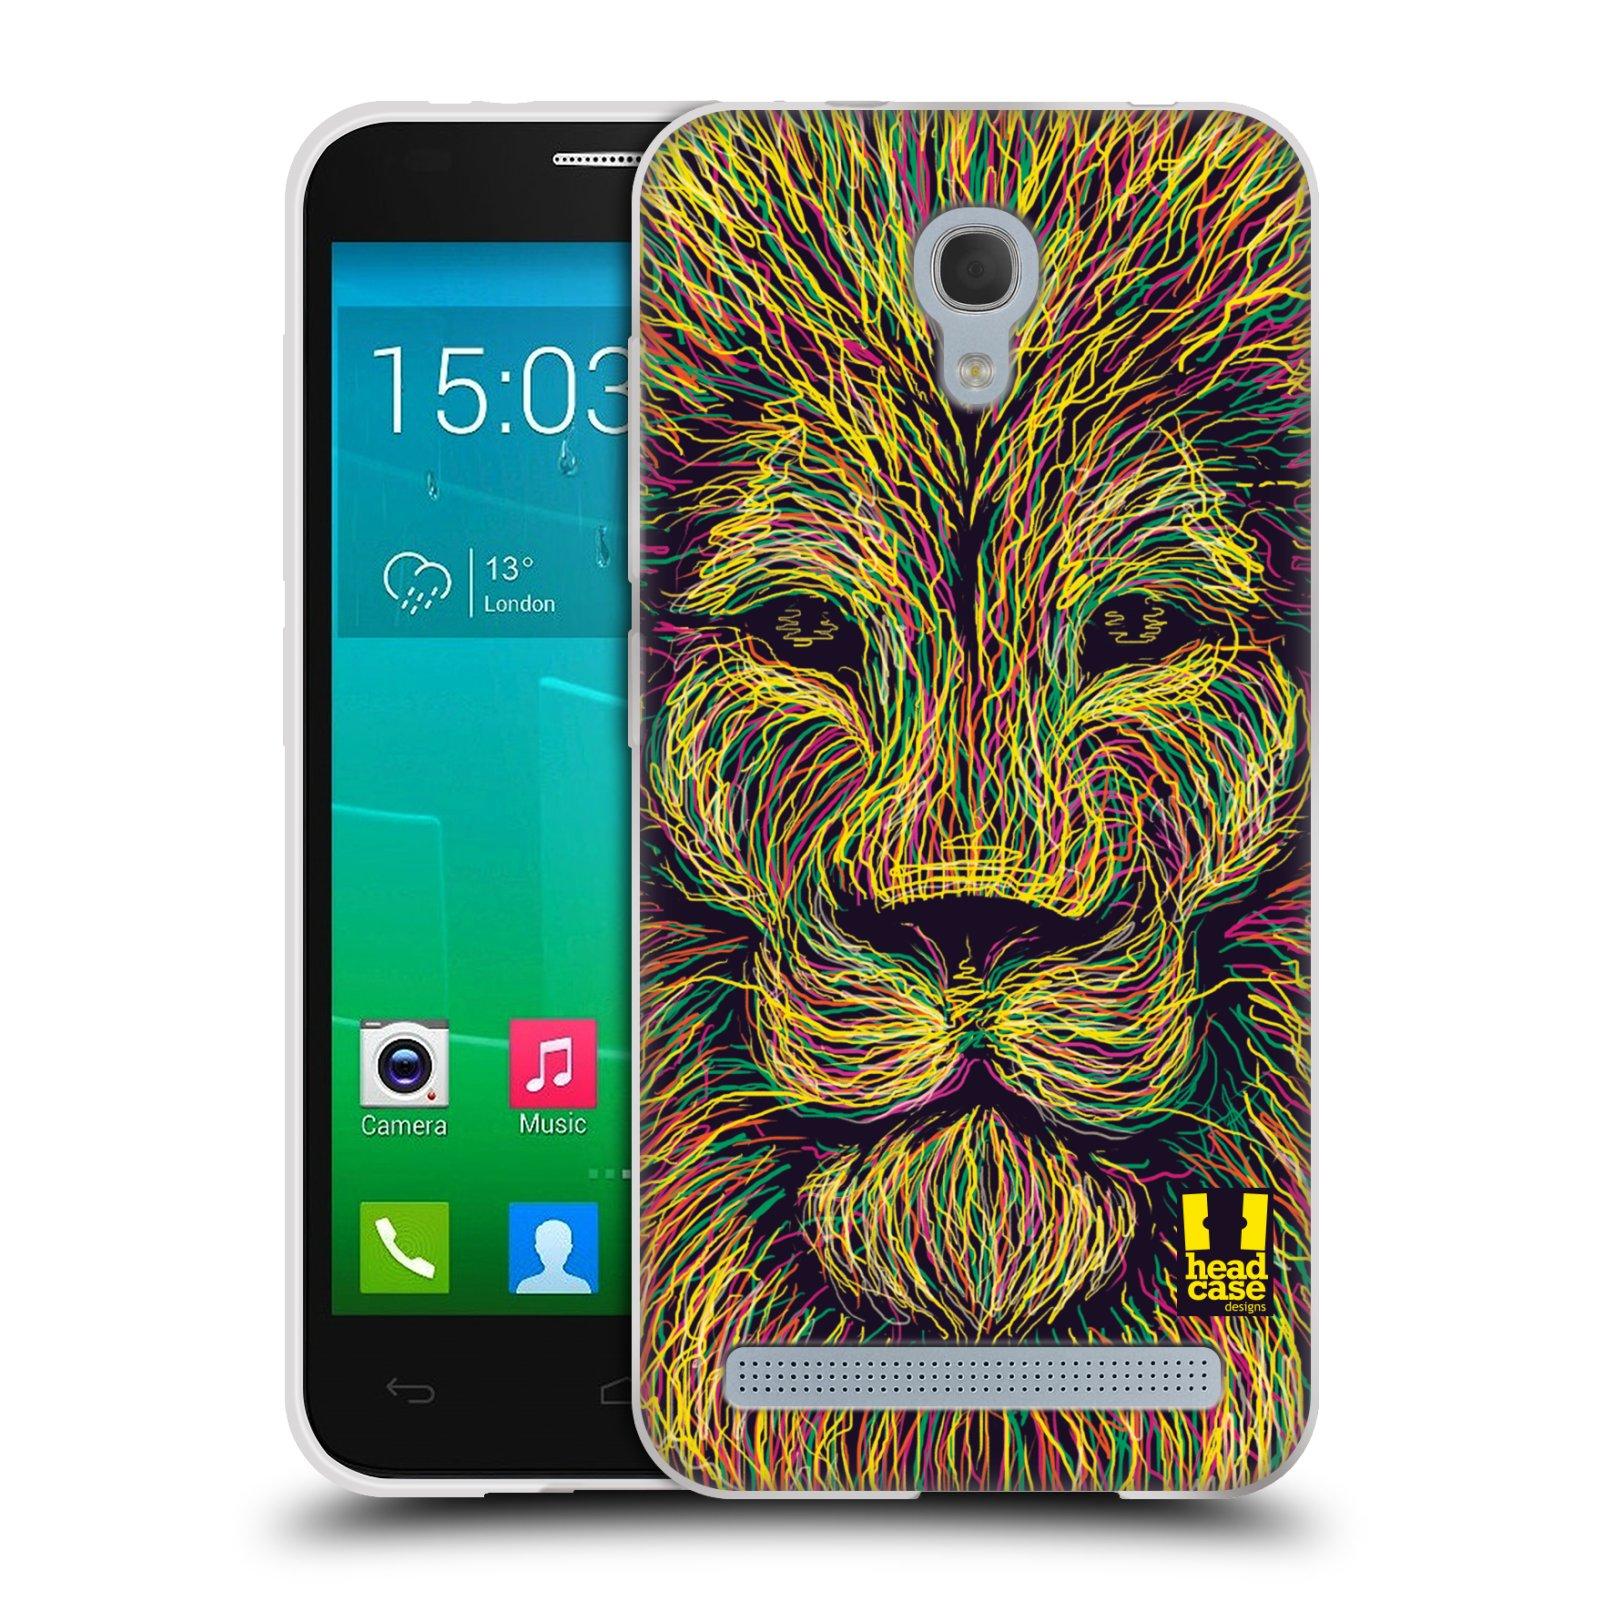 HEAD CASE silikonový obal na mobil Alcatel Idol 2 MINI S 6036Y vzor zvíře čmáranice lev